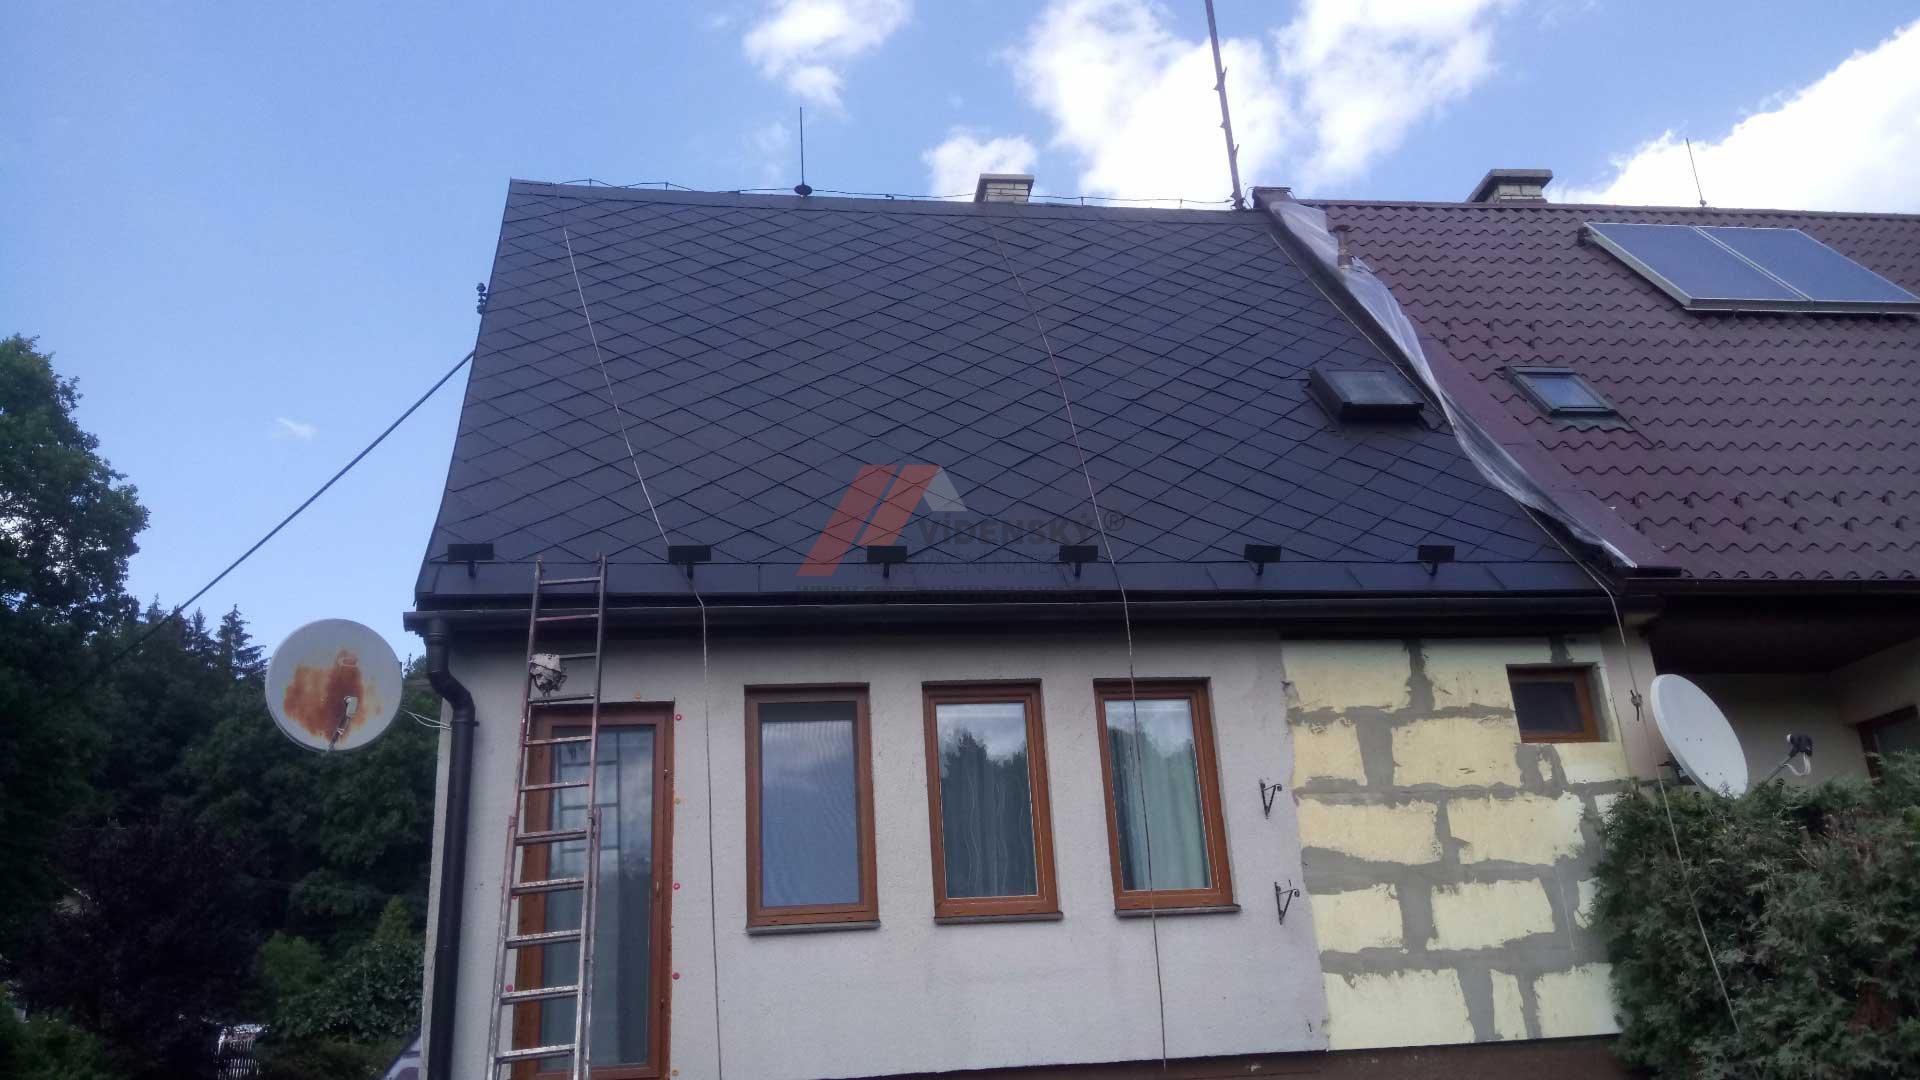 Vídenský | Renovační nátěr eternitové střechy 06 - Černý odstín